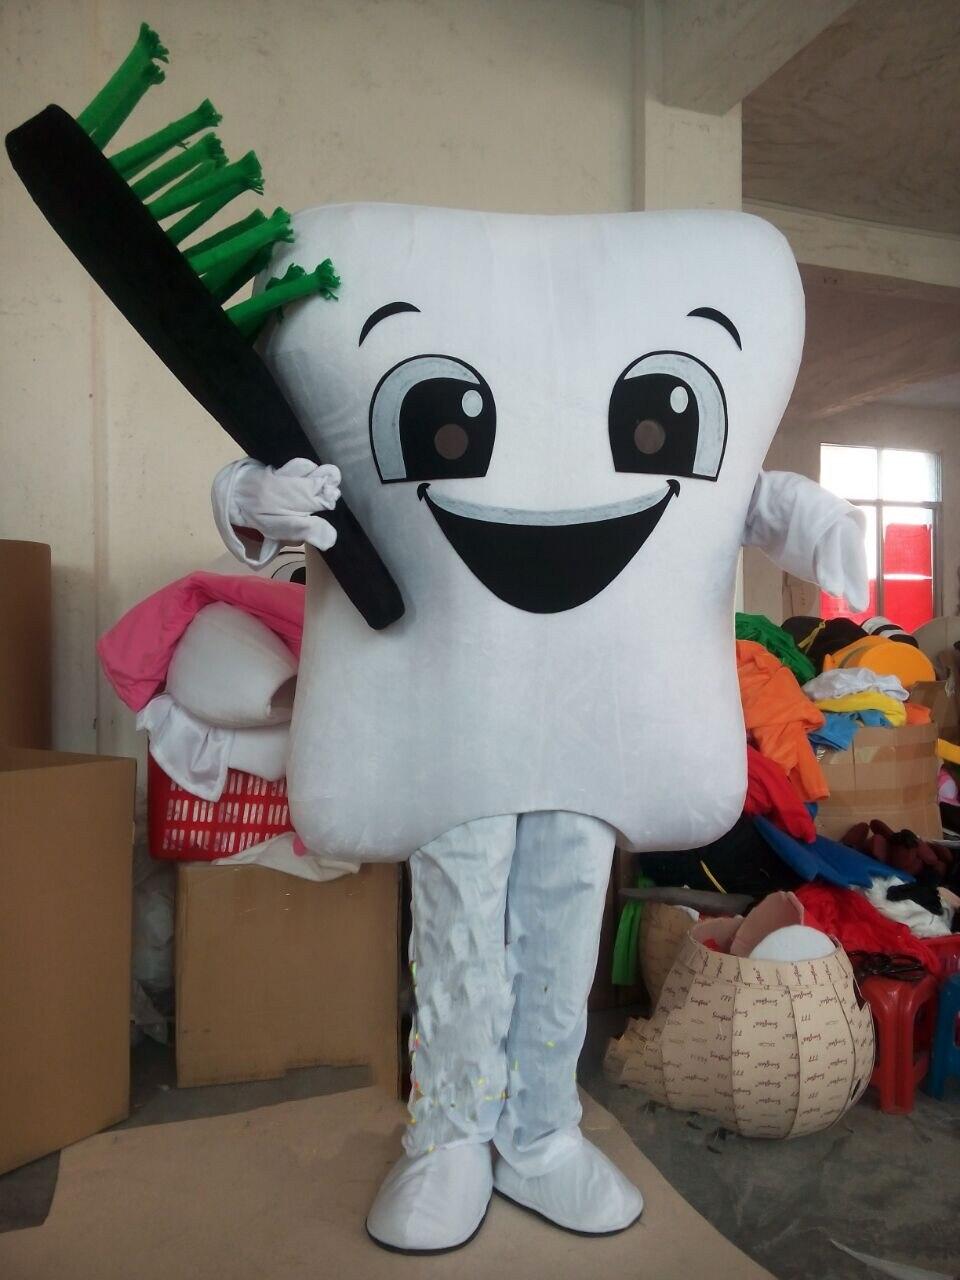 Dent mascotte Costume docteur des dents fête soins dentaires personnage mascotte robe & parc d'attractions tenue santé éducation